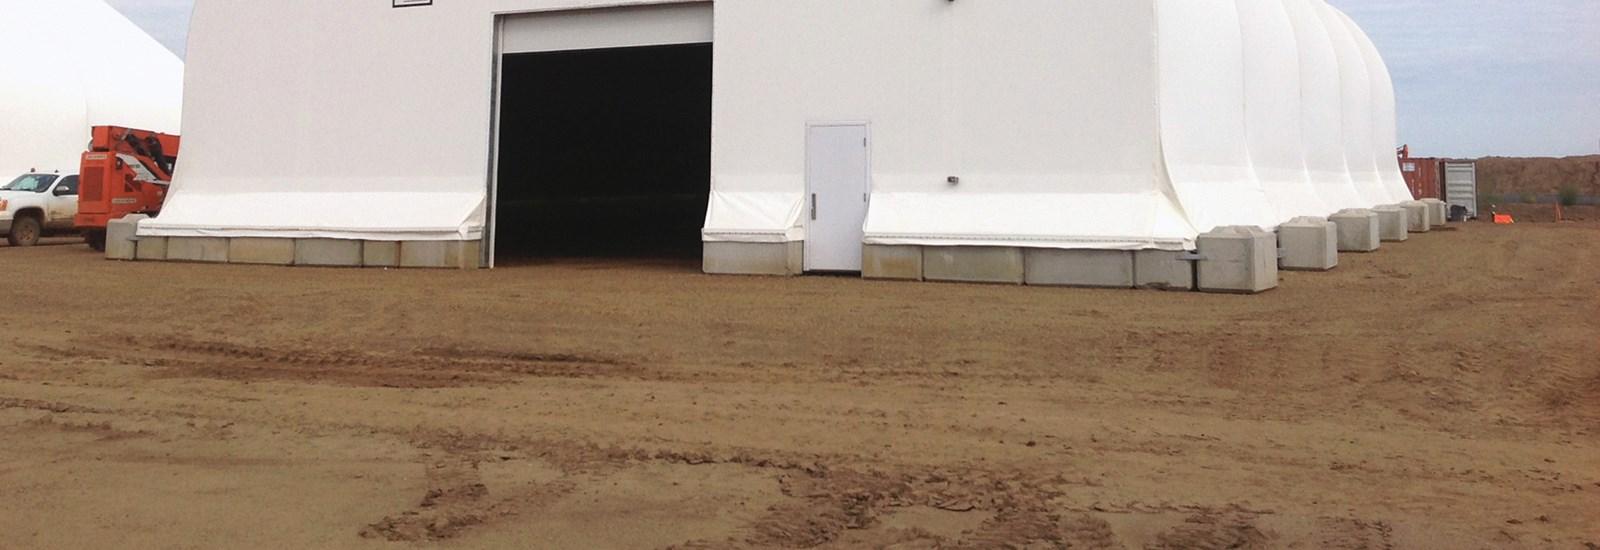 Equipment Maintenance & Warehouse | Suncor